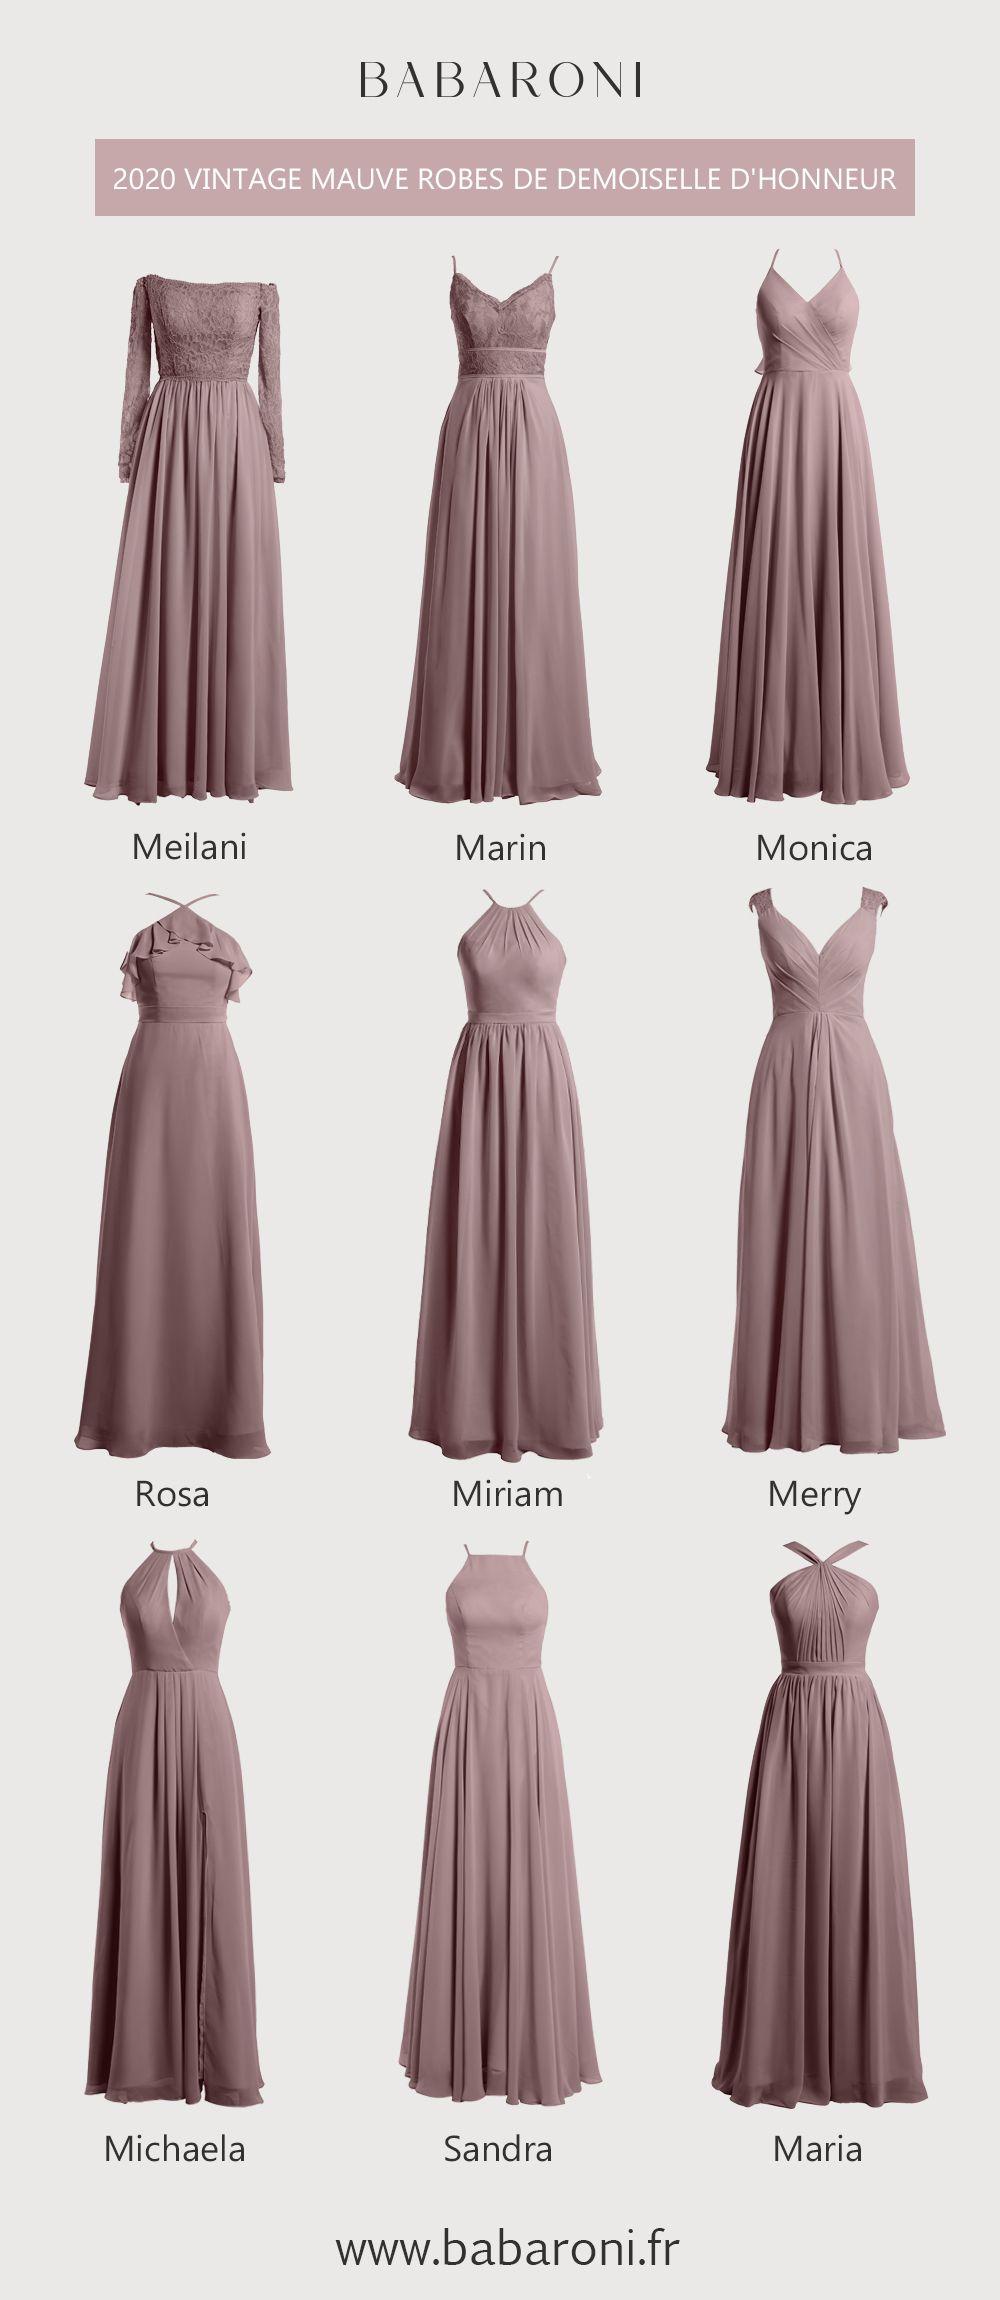 Robes Demoiselle D Honneur En 2020 Robe De Demoiselle D Honneur Robe Demoiselle D Honneur Demoiselle D Honneur